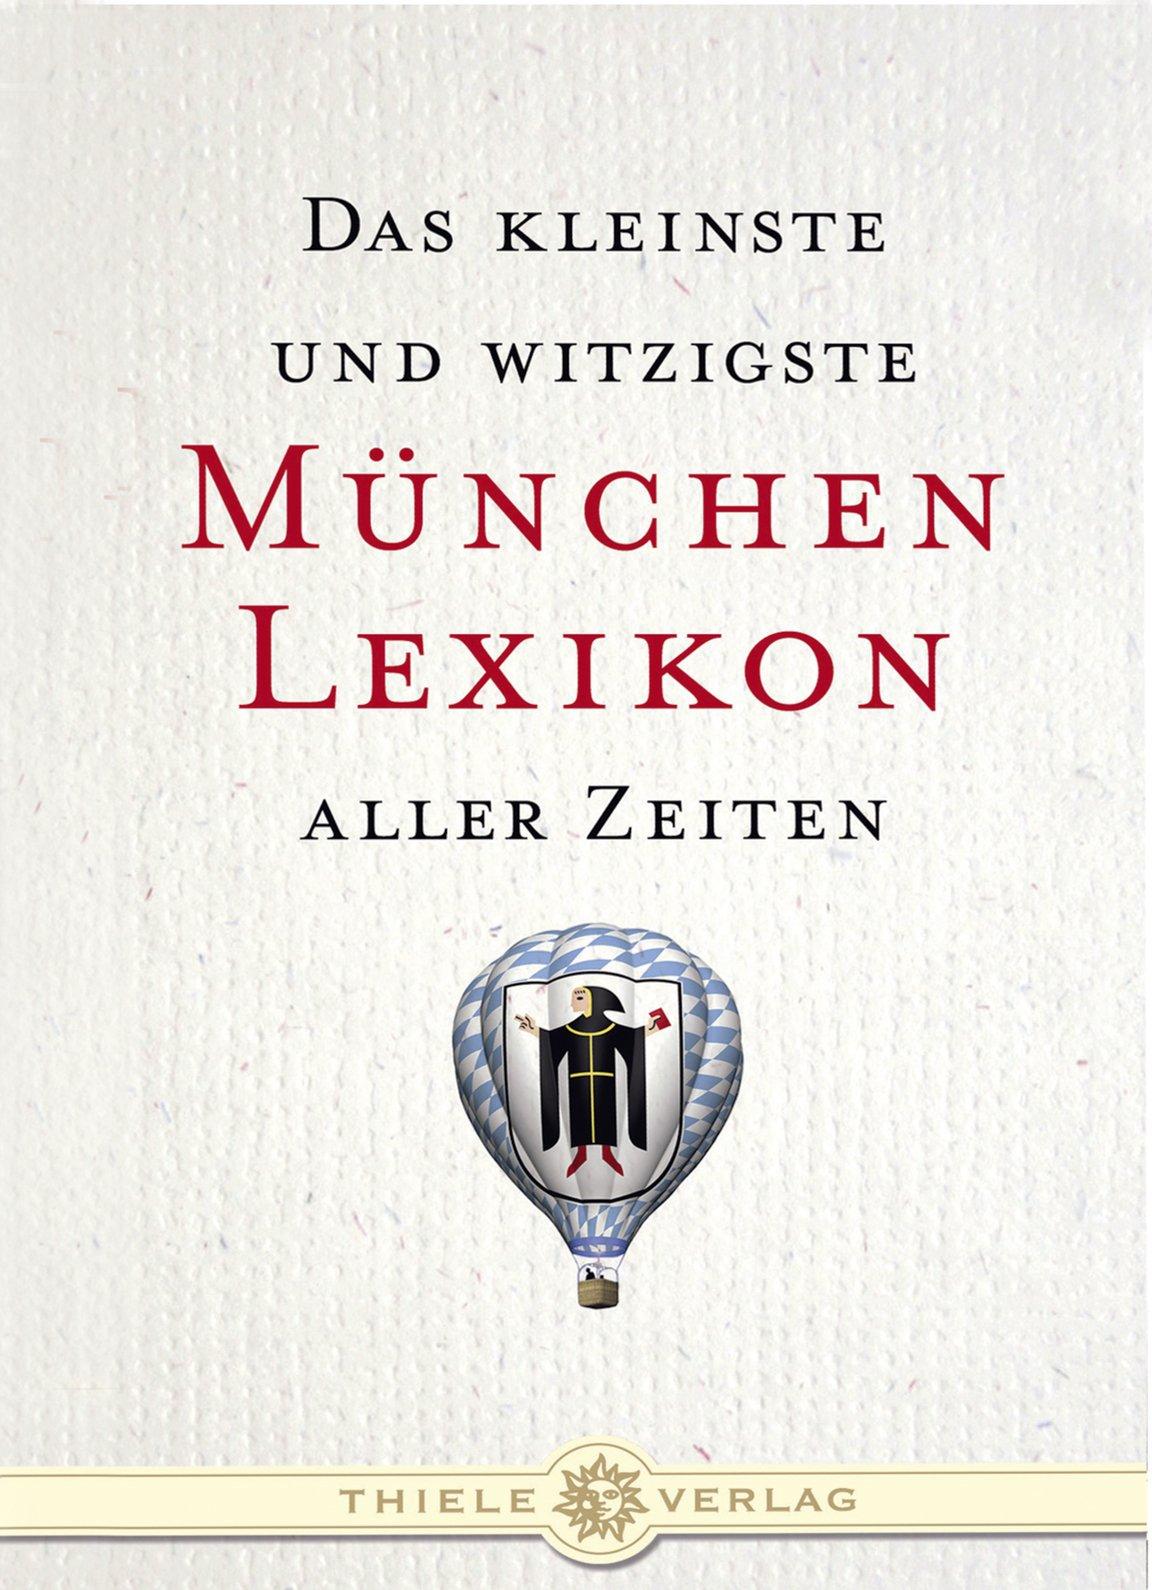 Das kleinste und witzigste München Lexikon aller Zeiten